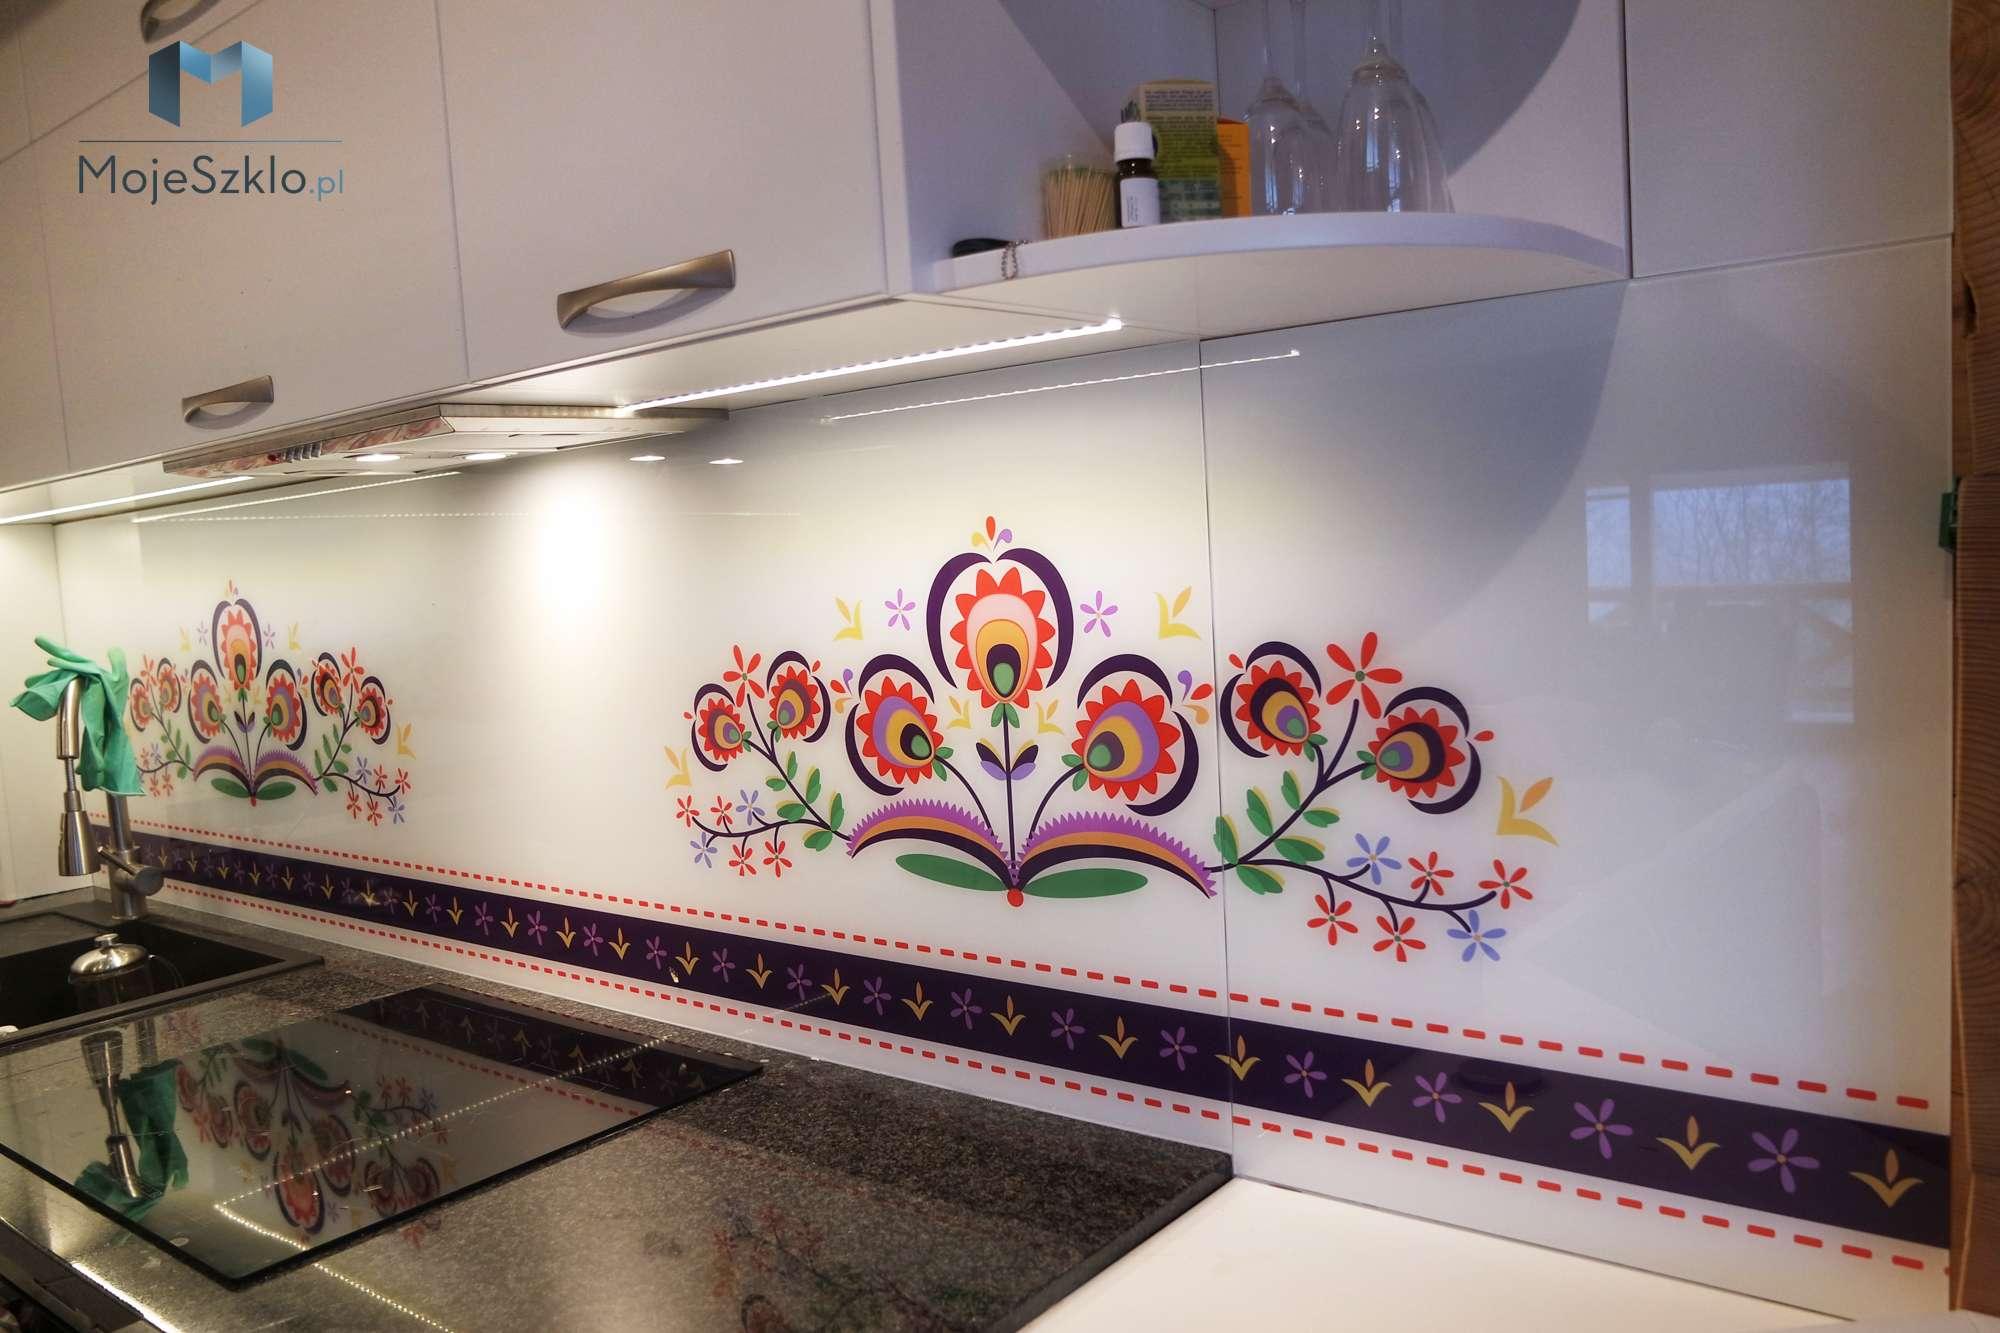 Panel Szklany Do Kuchni Folklor - Lacobel wzory. Różne motywy grafiki na szkle